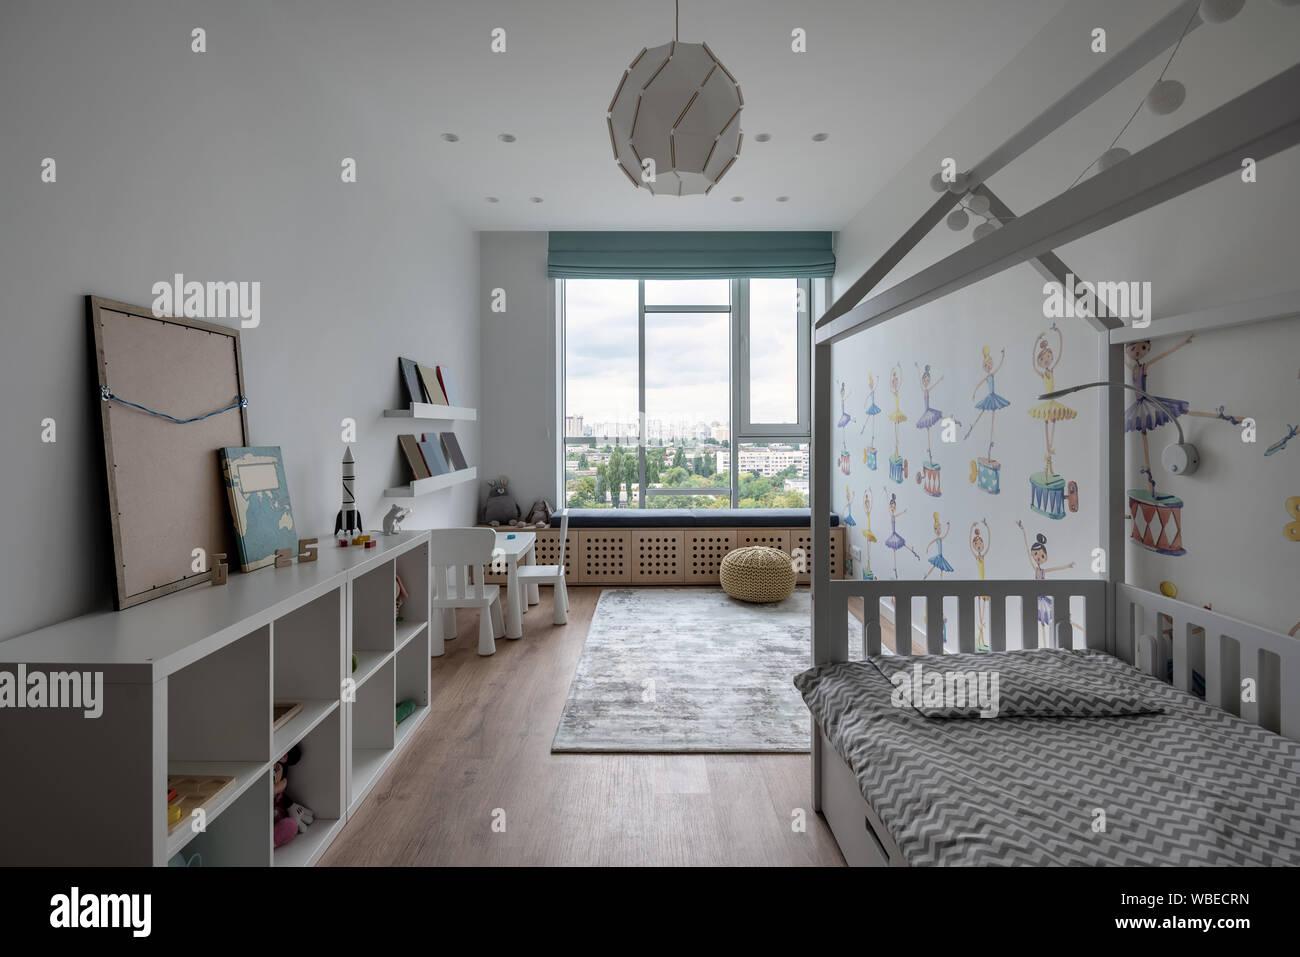 Schone Moderne Zimmer Mit Weissen Wanden Mit Bunten Bildern